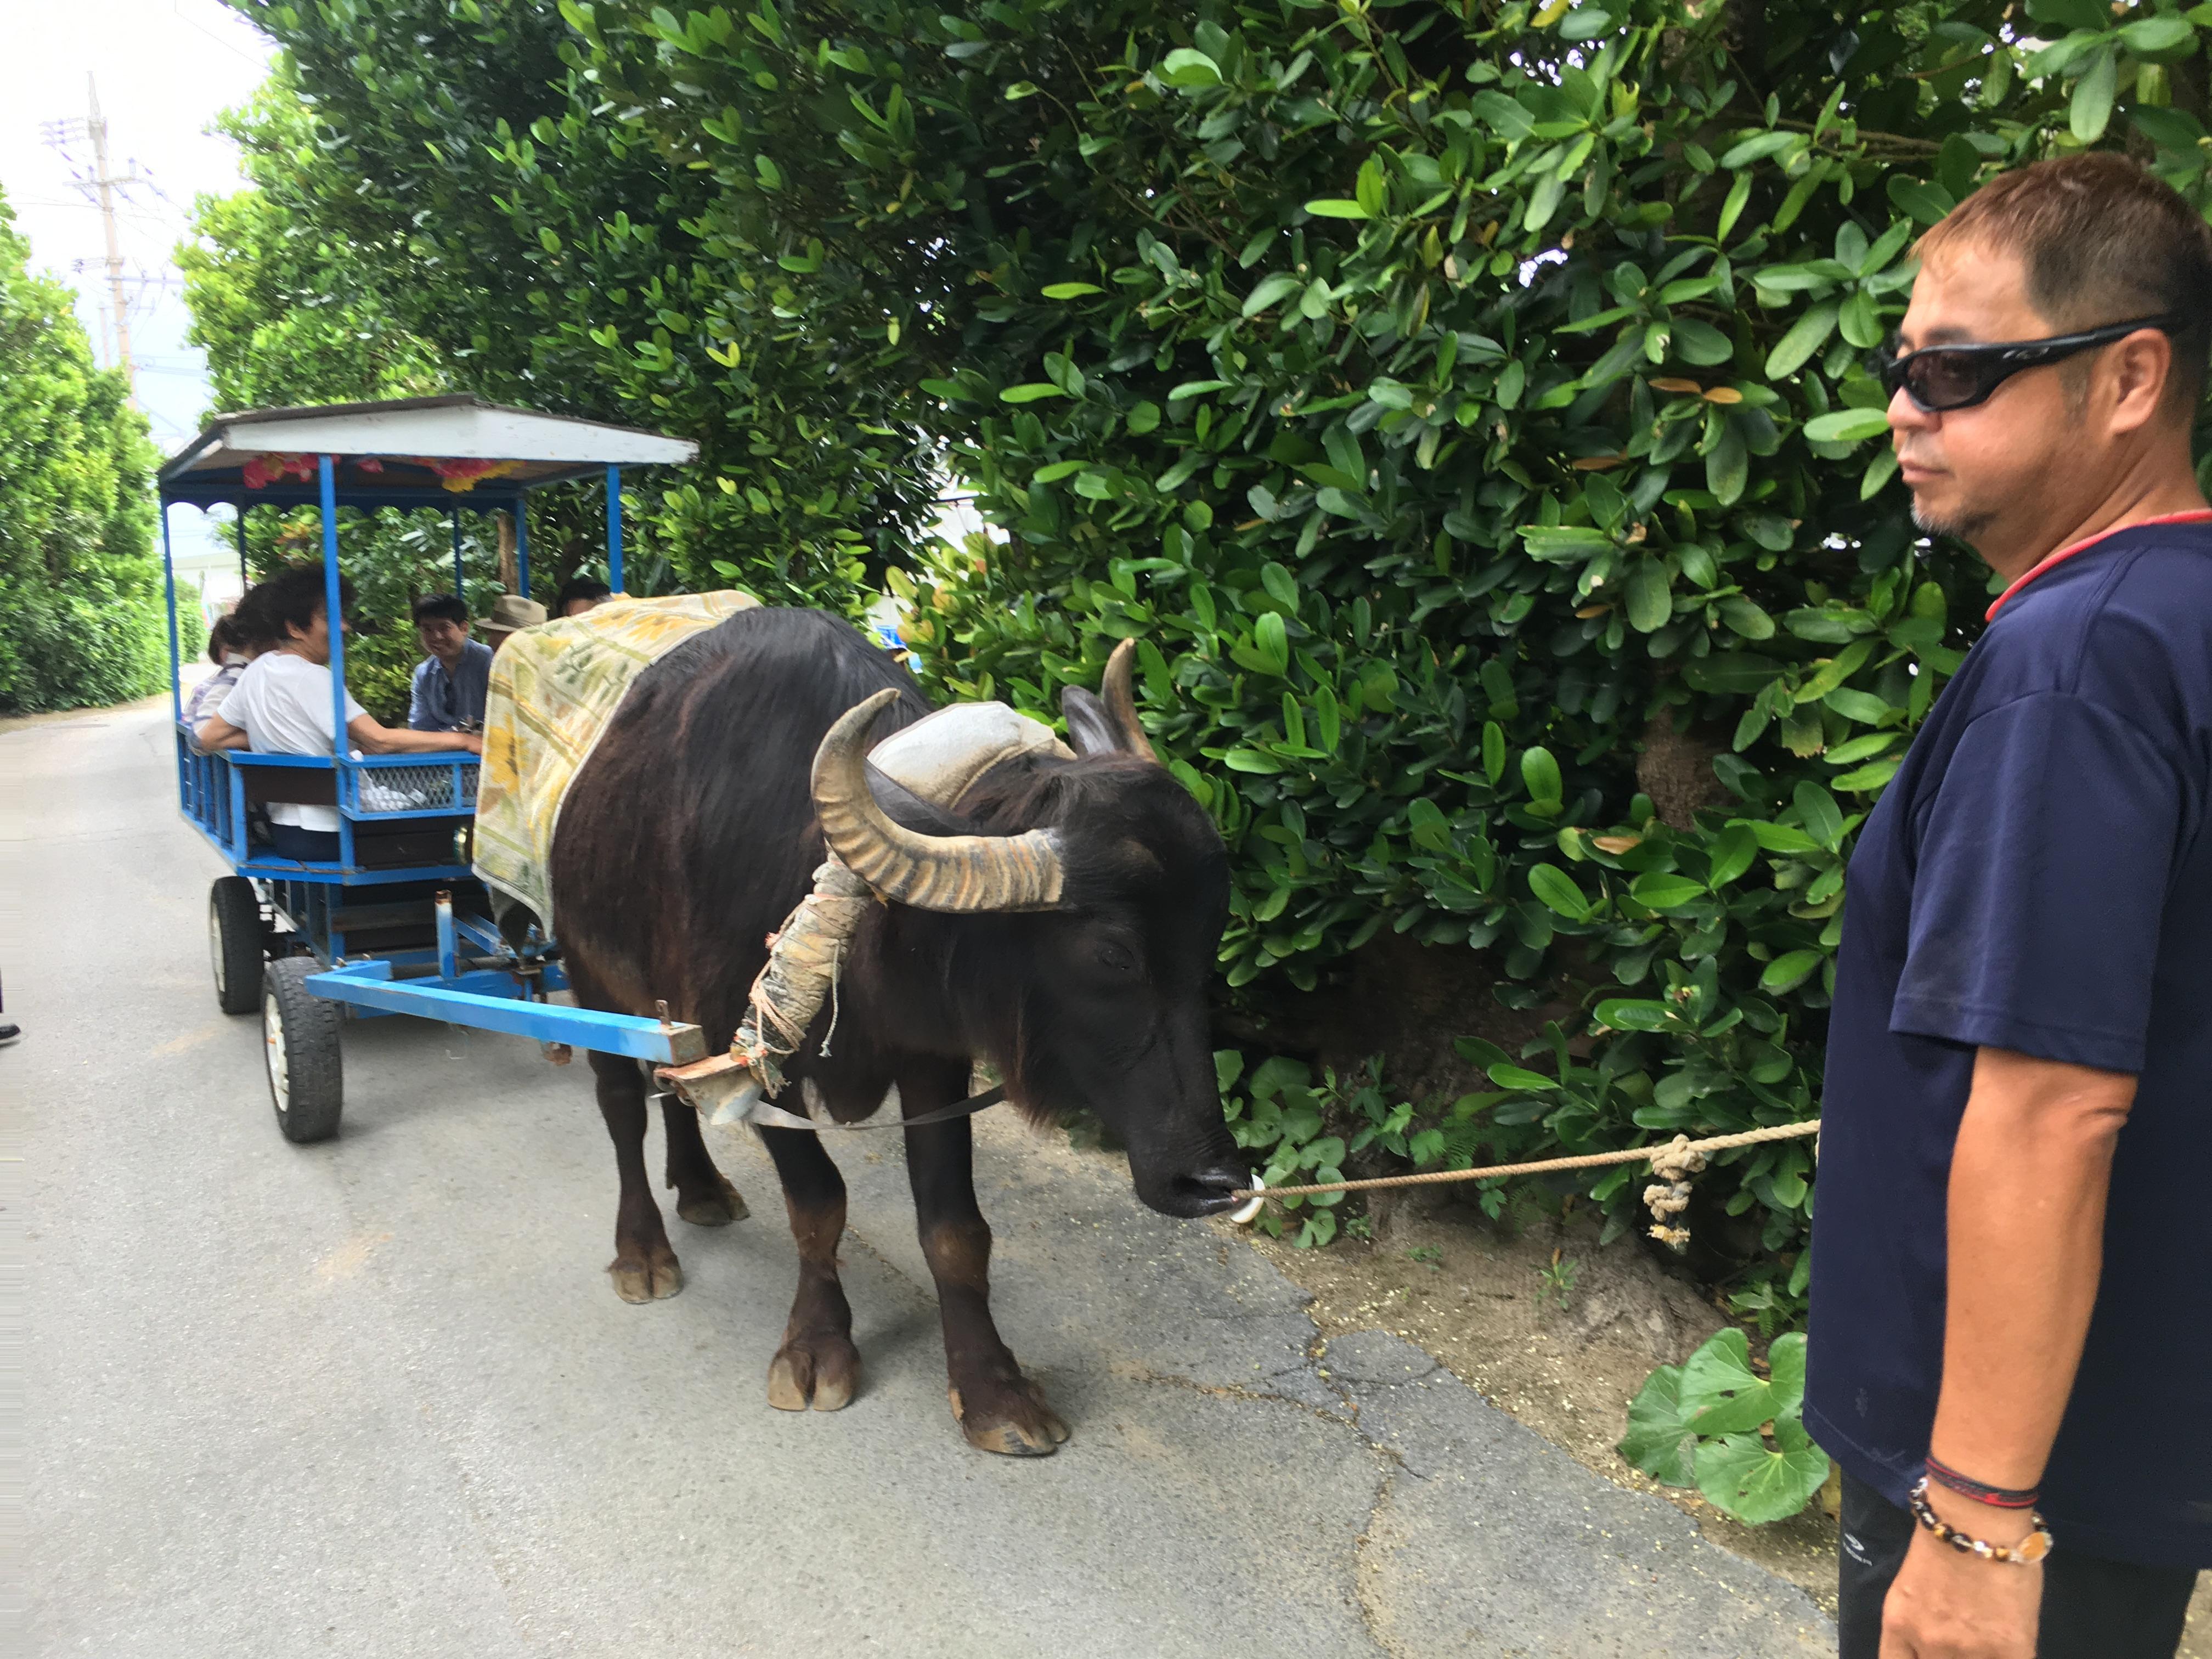 備瀬集落フクギ並木通りの水牛車